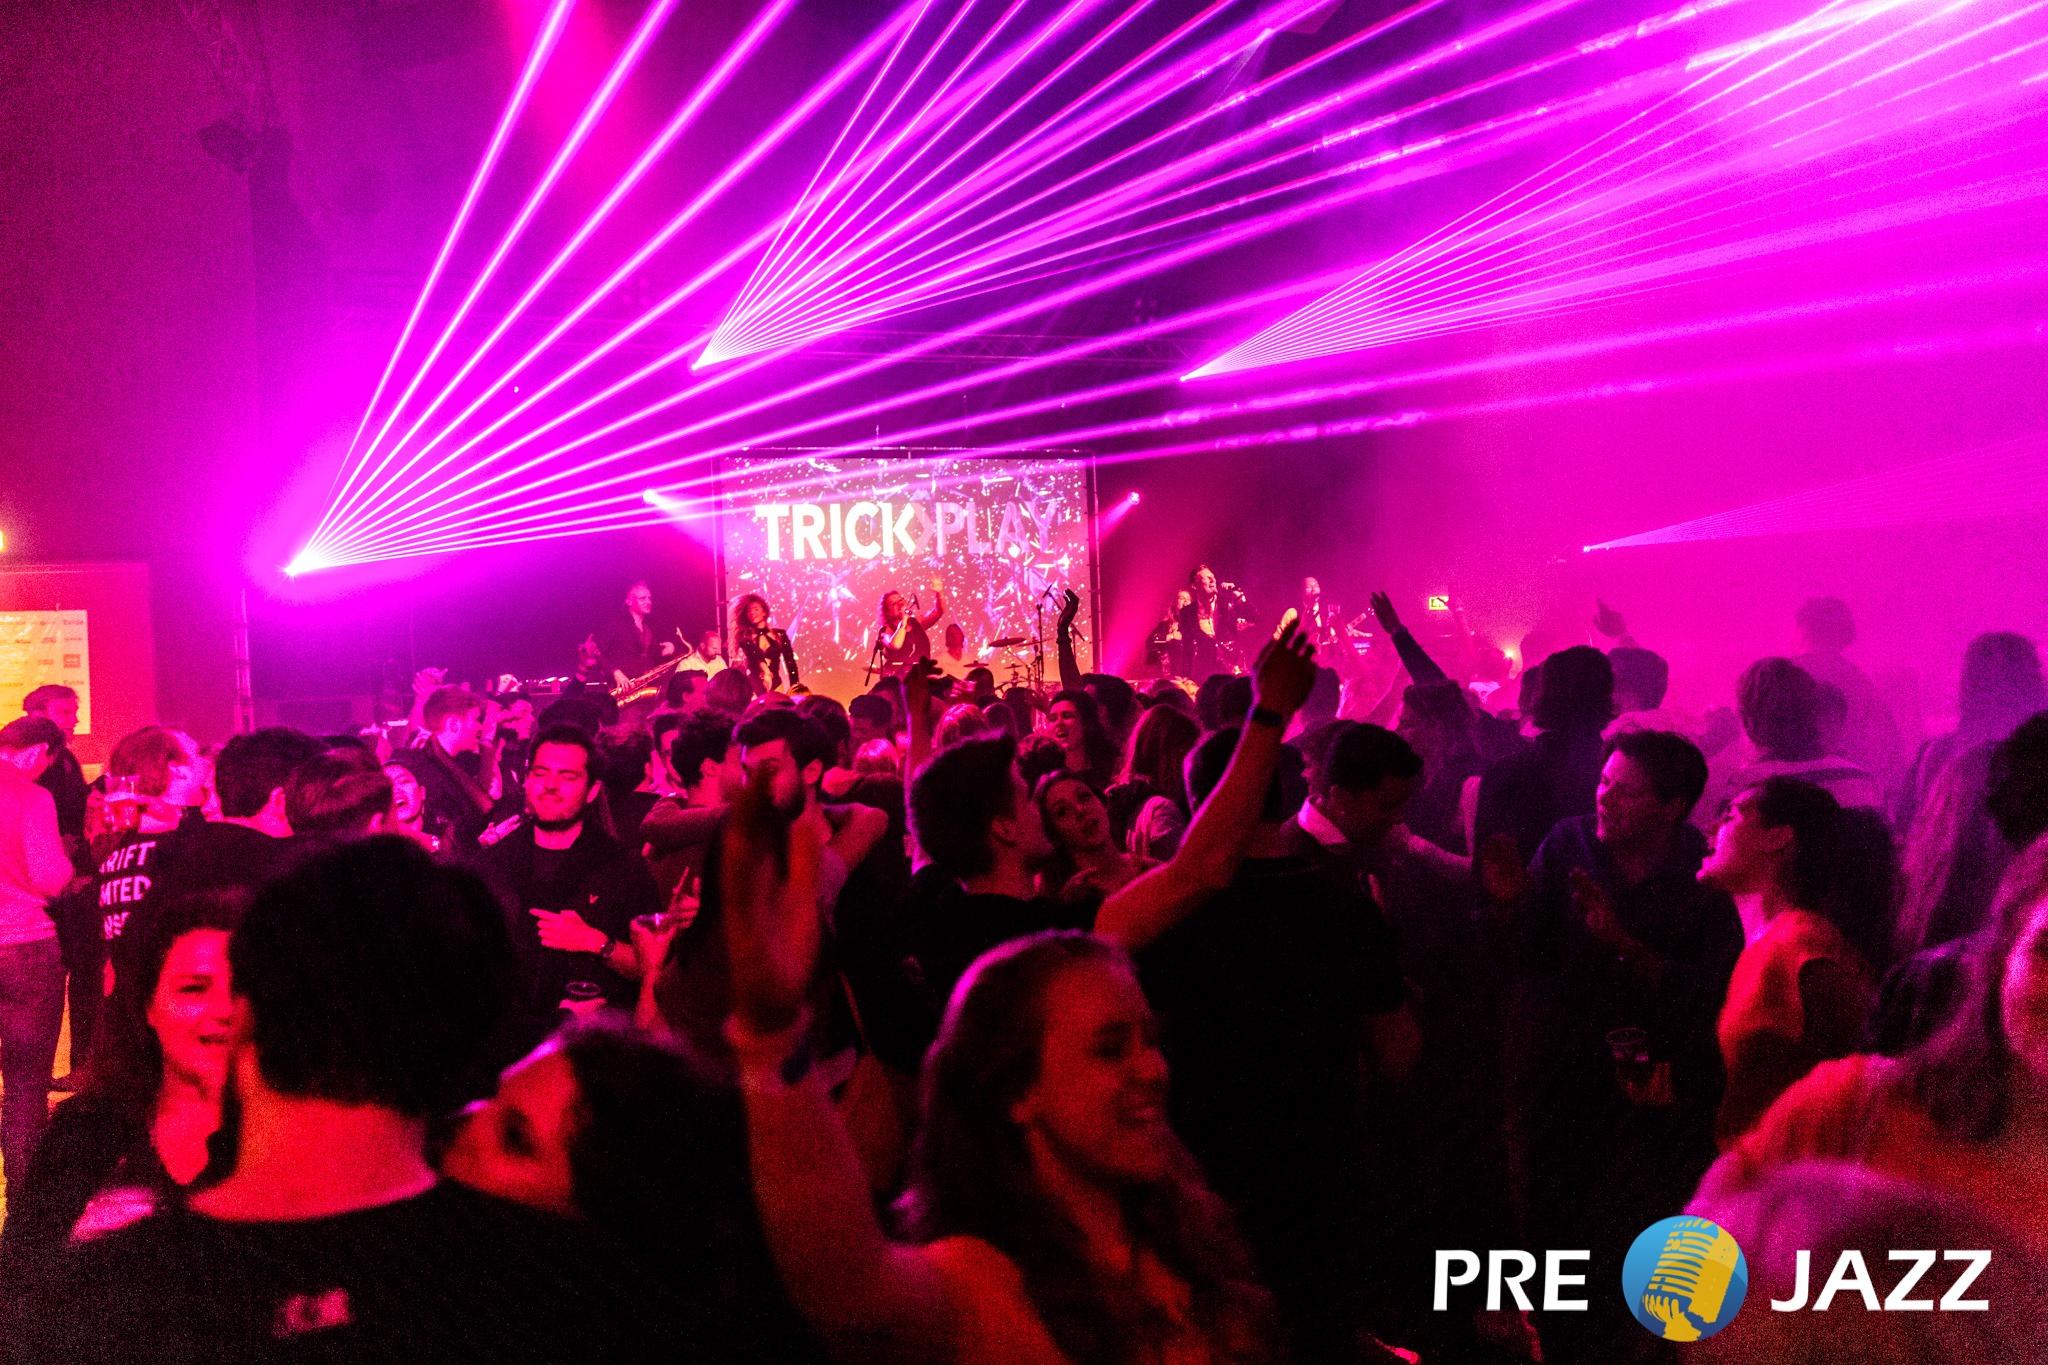 Trickplay _ Pre-Jazz Breda 20